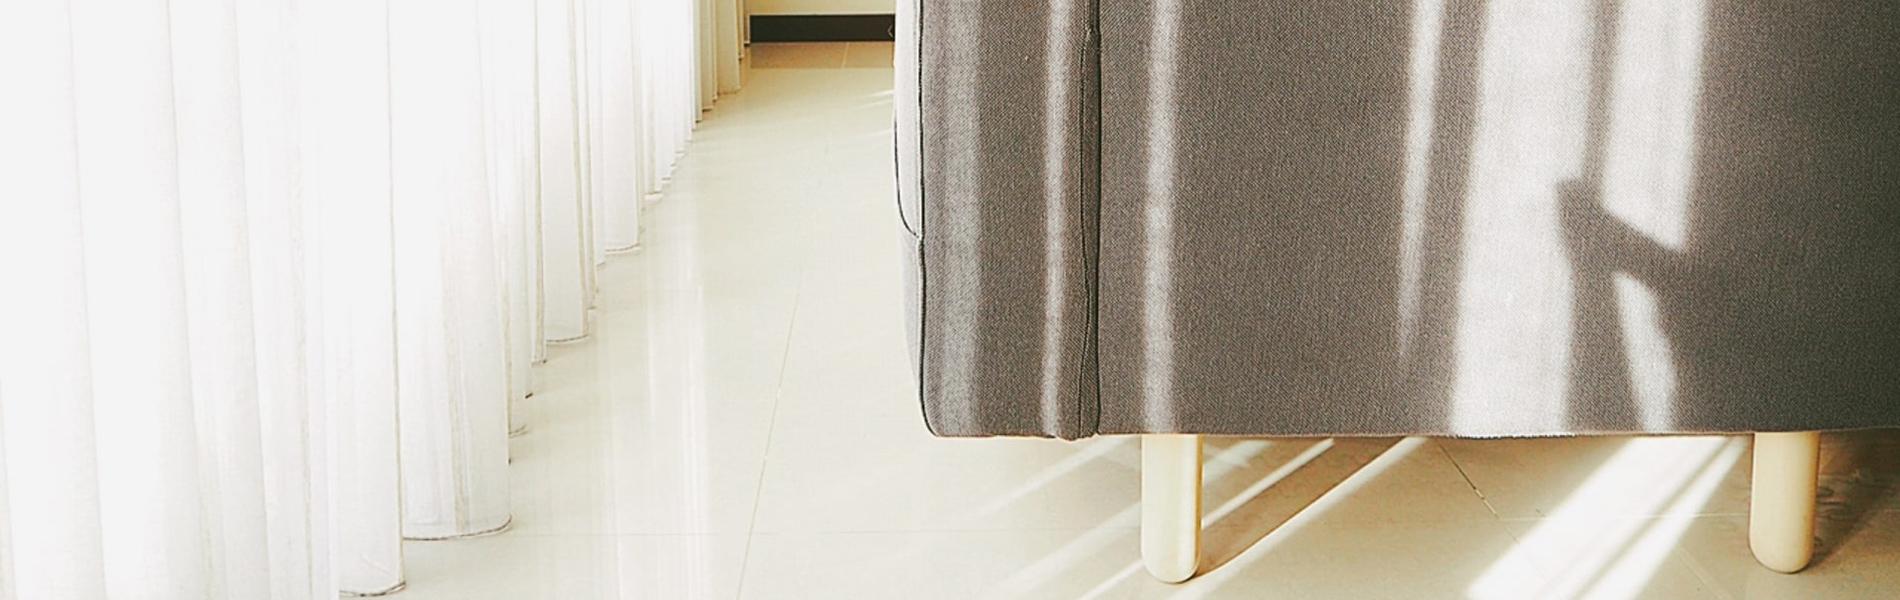 カーテンの光漏れ対策!上から・下から・横から・全体からの光漏れを防ぐ方法